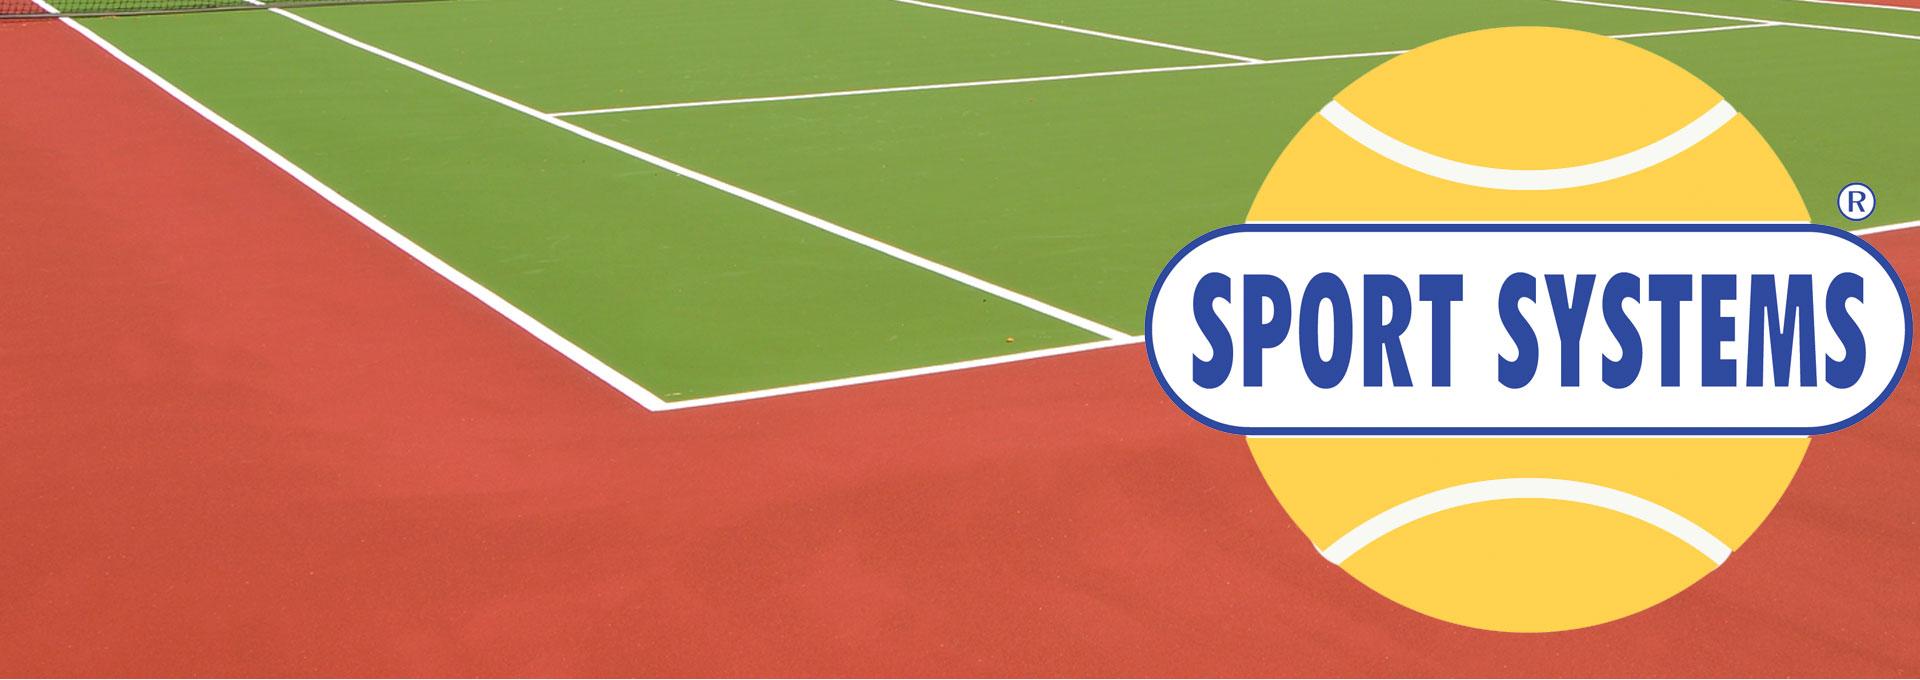 Tennis Court Repairs